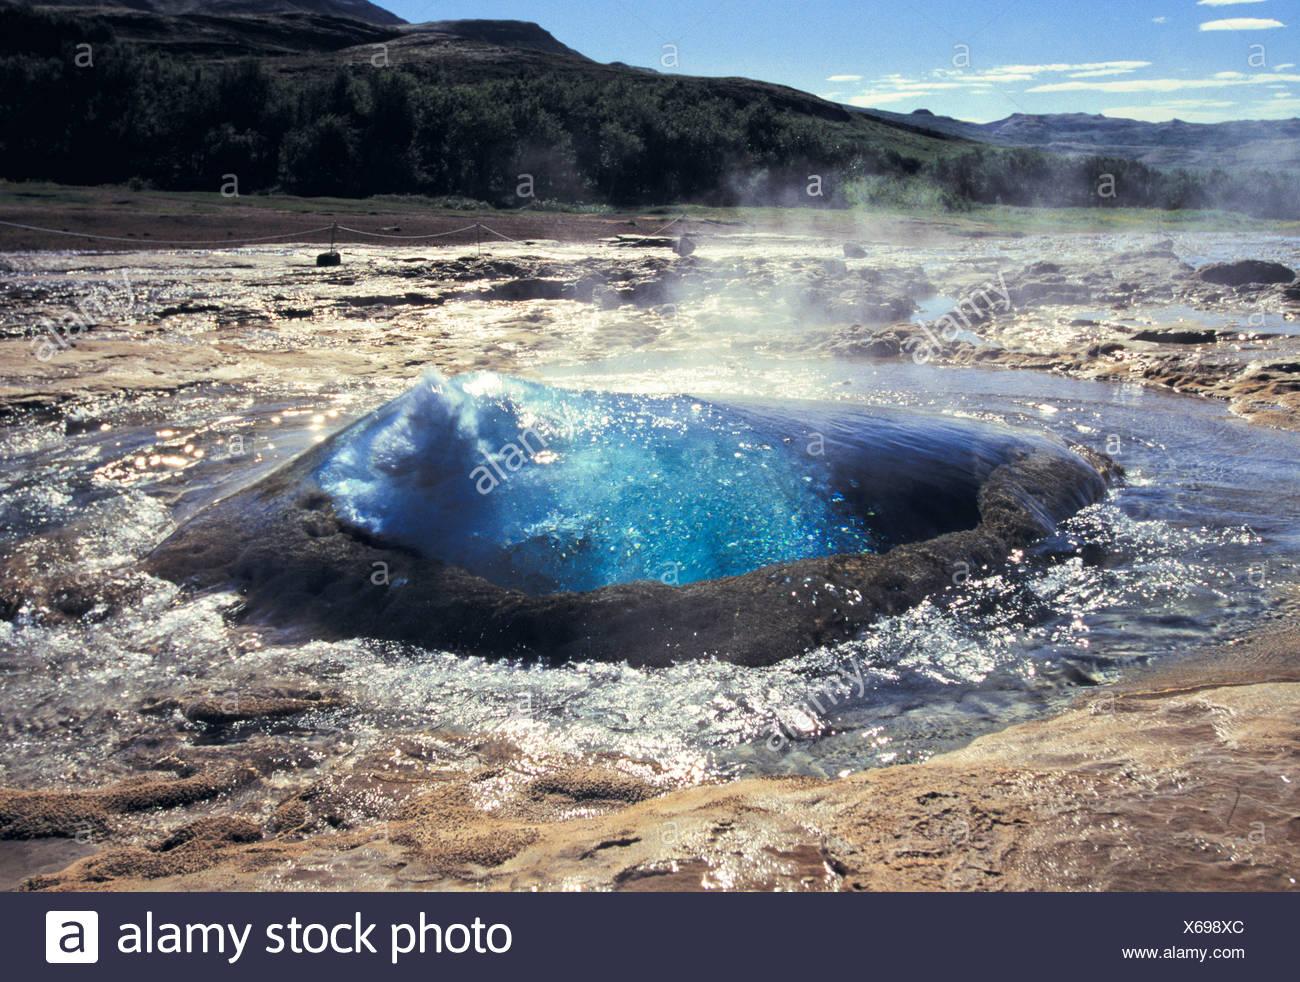 Bolla di acqua circa a scatenarsi, geyser Strokkur, Islanda, Europa Immagini Stock